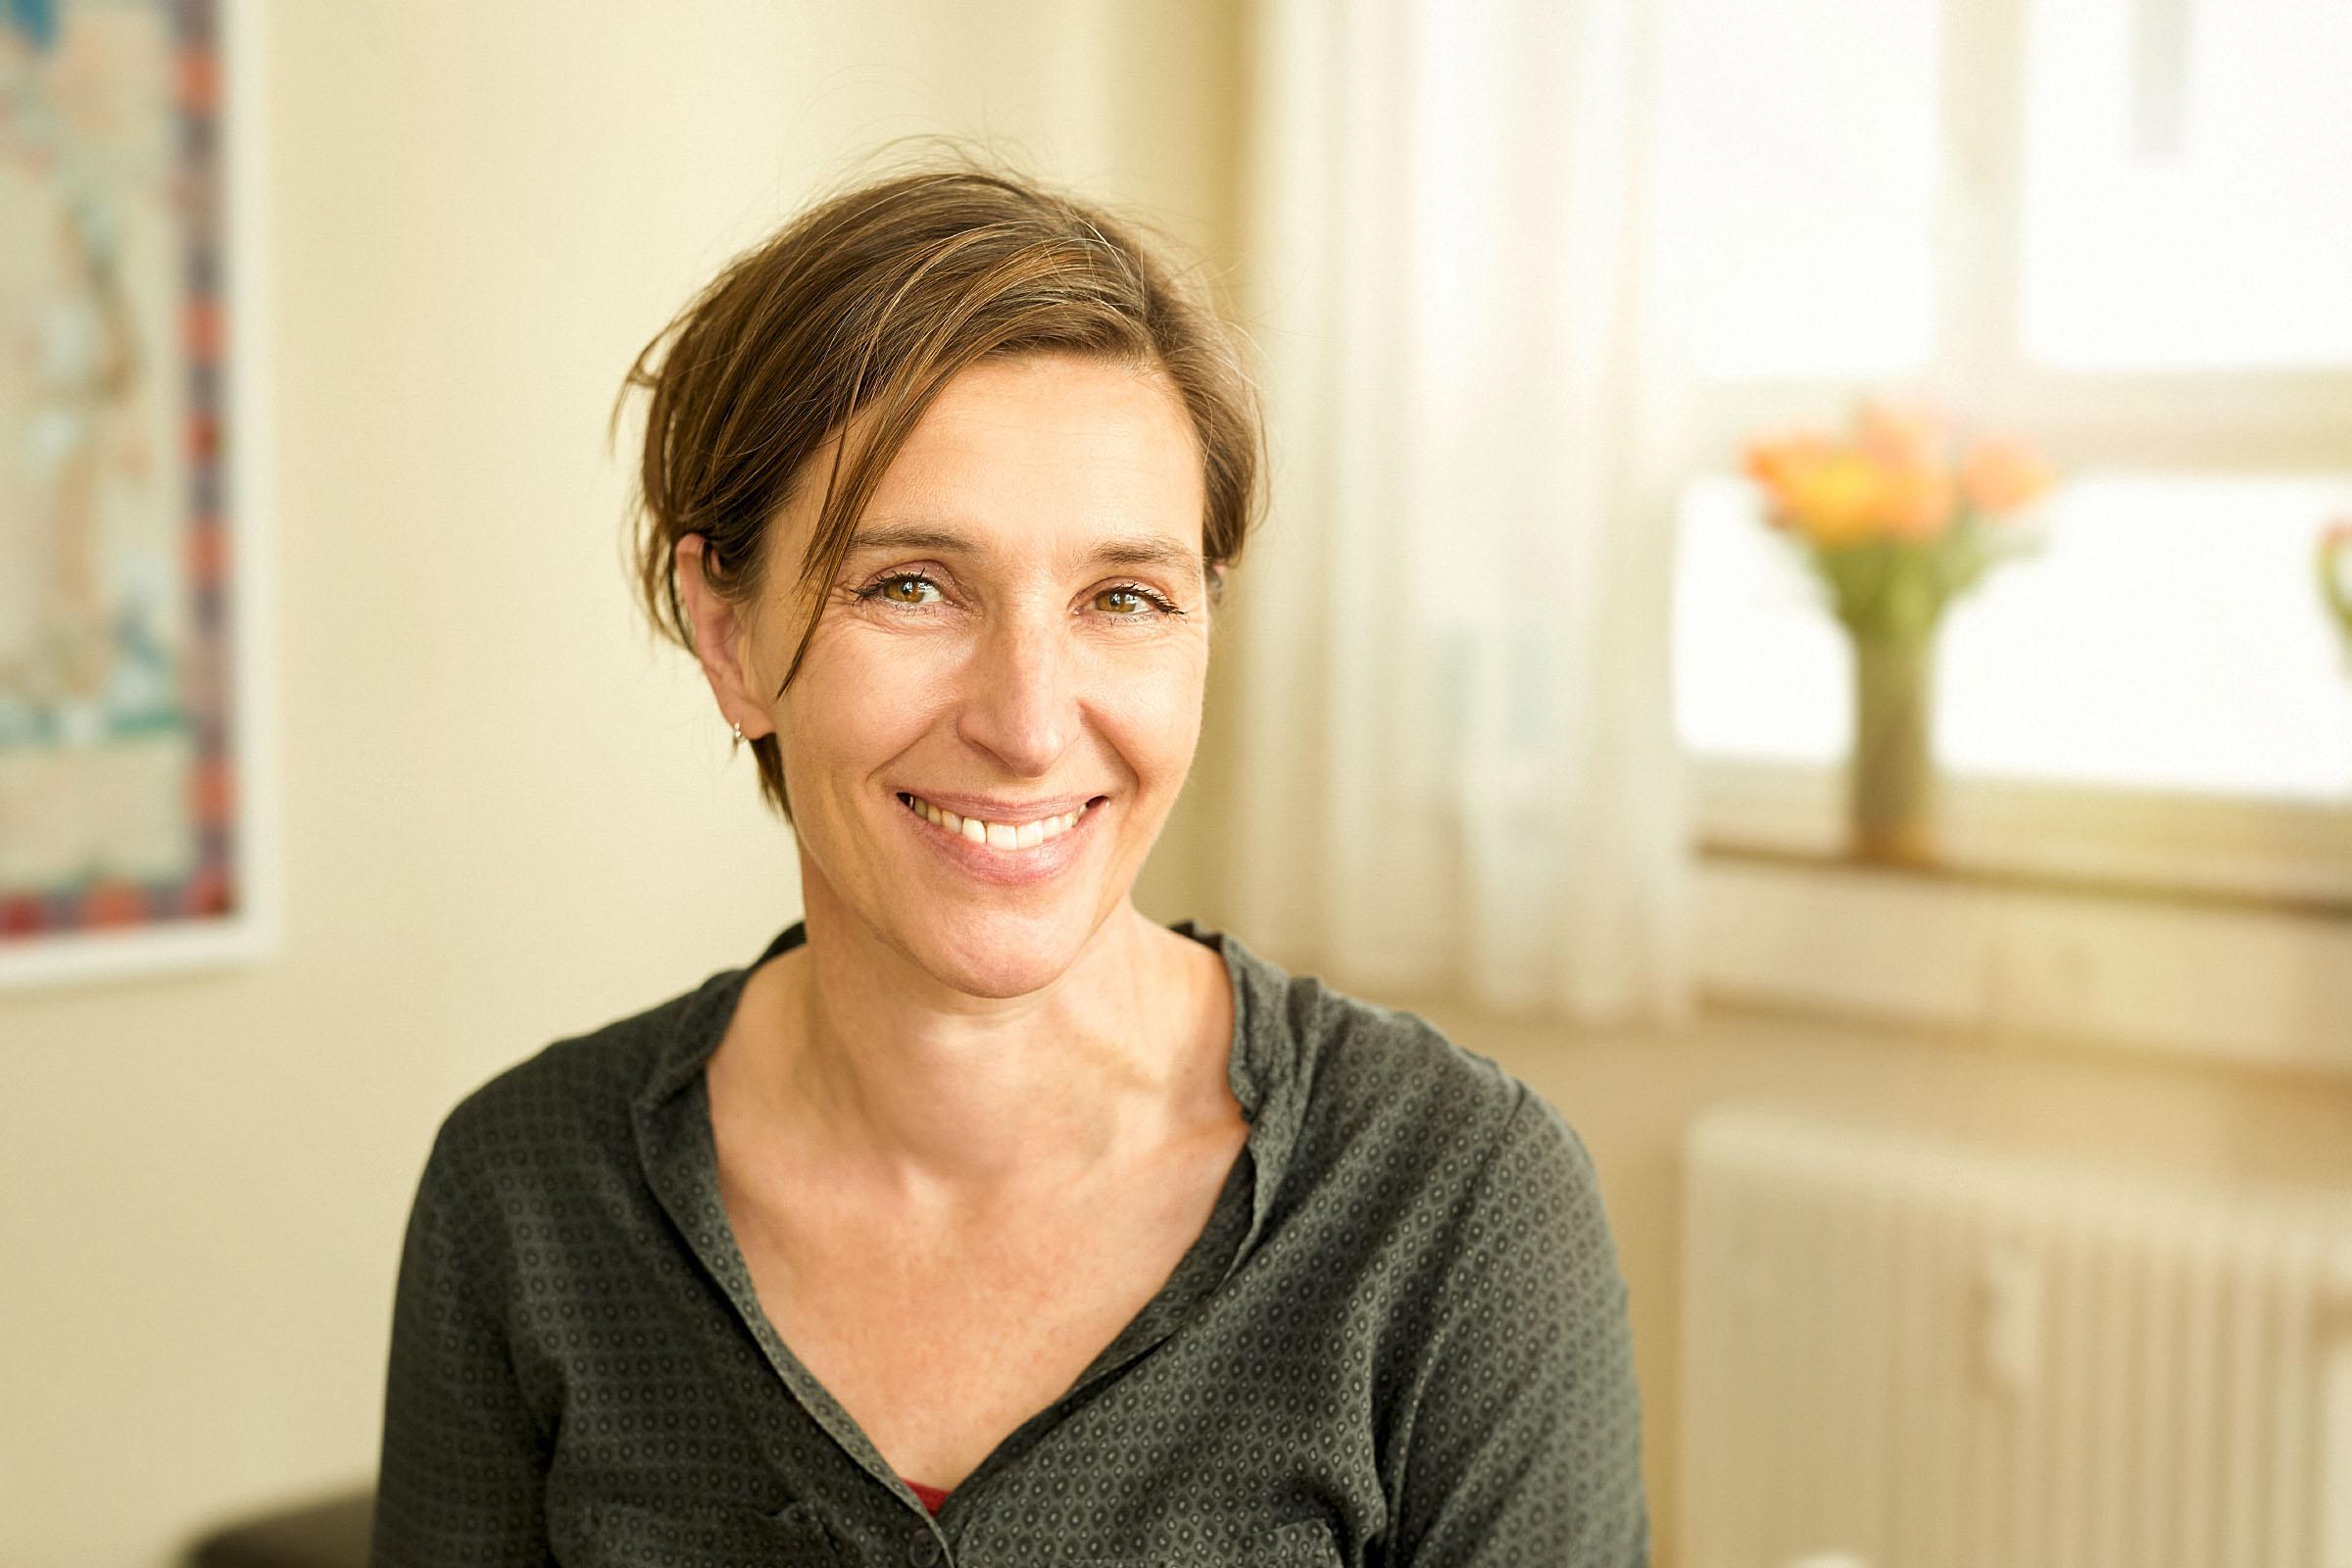 Sabine Herglotz - Praxisassistenz, MTRA (medizinisch-technische-Radiologieassistentin) in der Kinderradiologie im